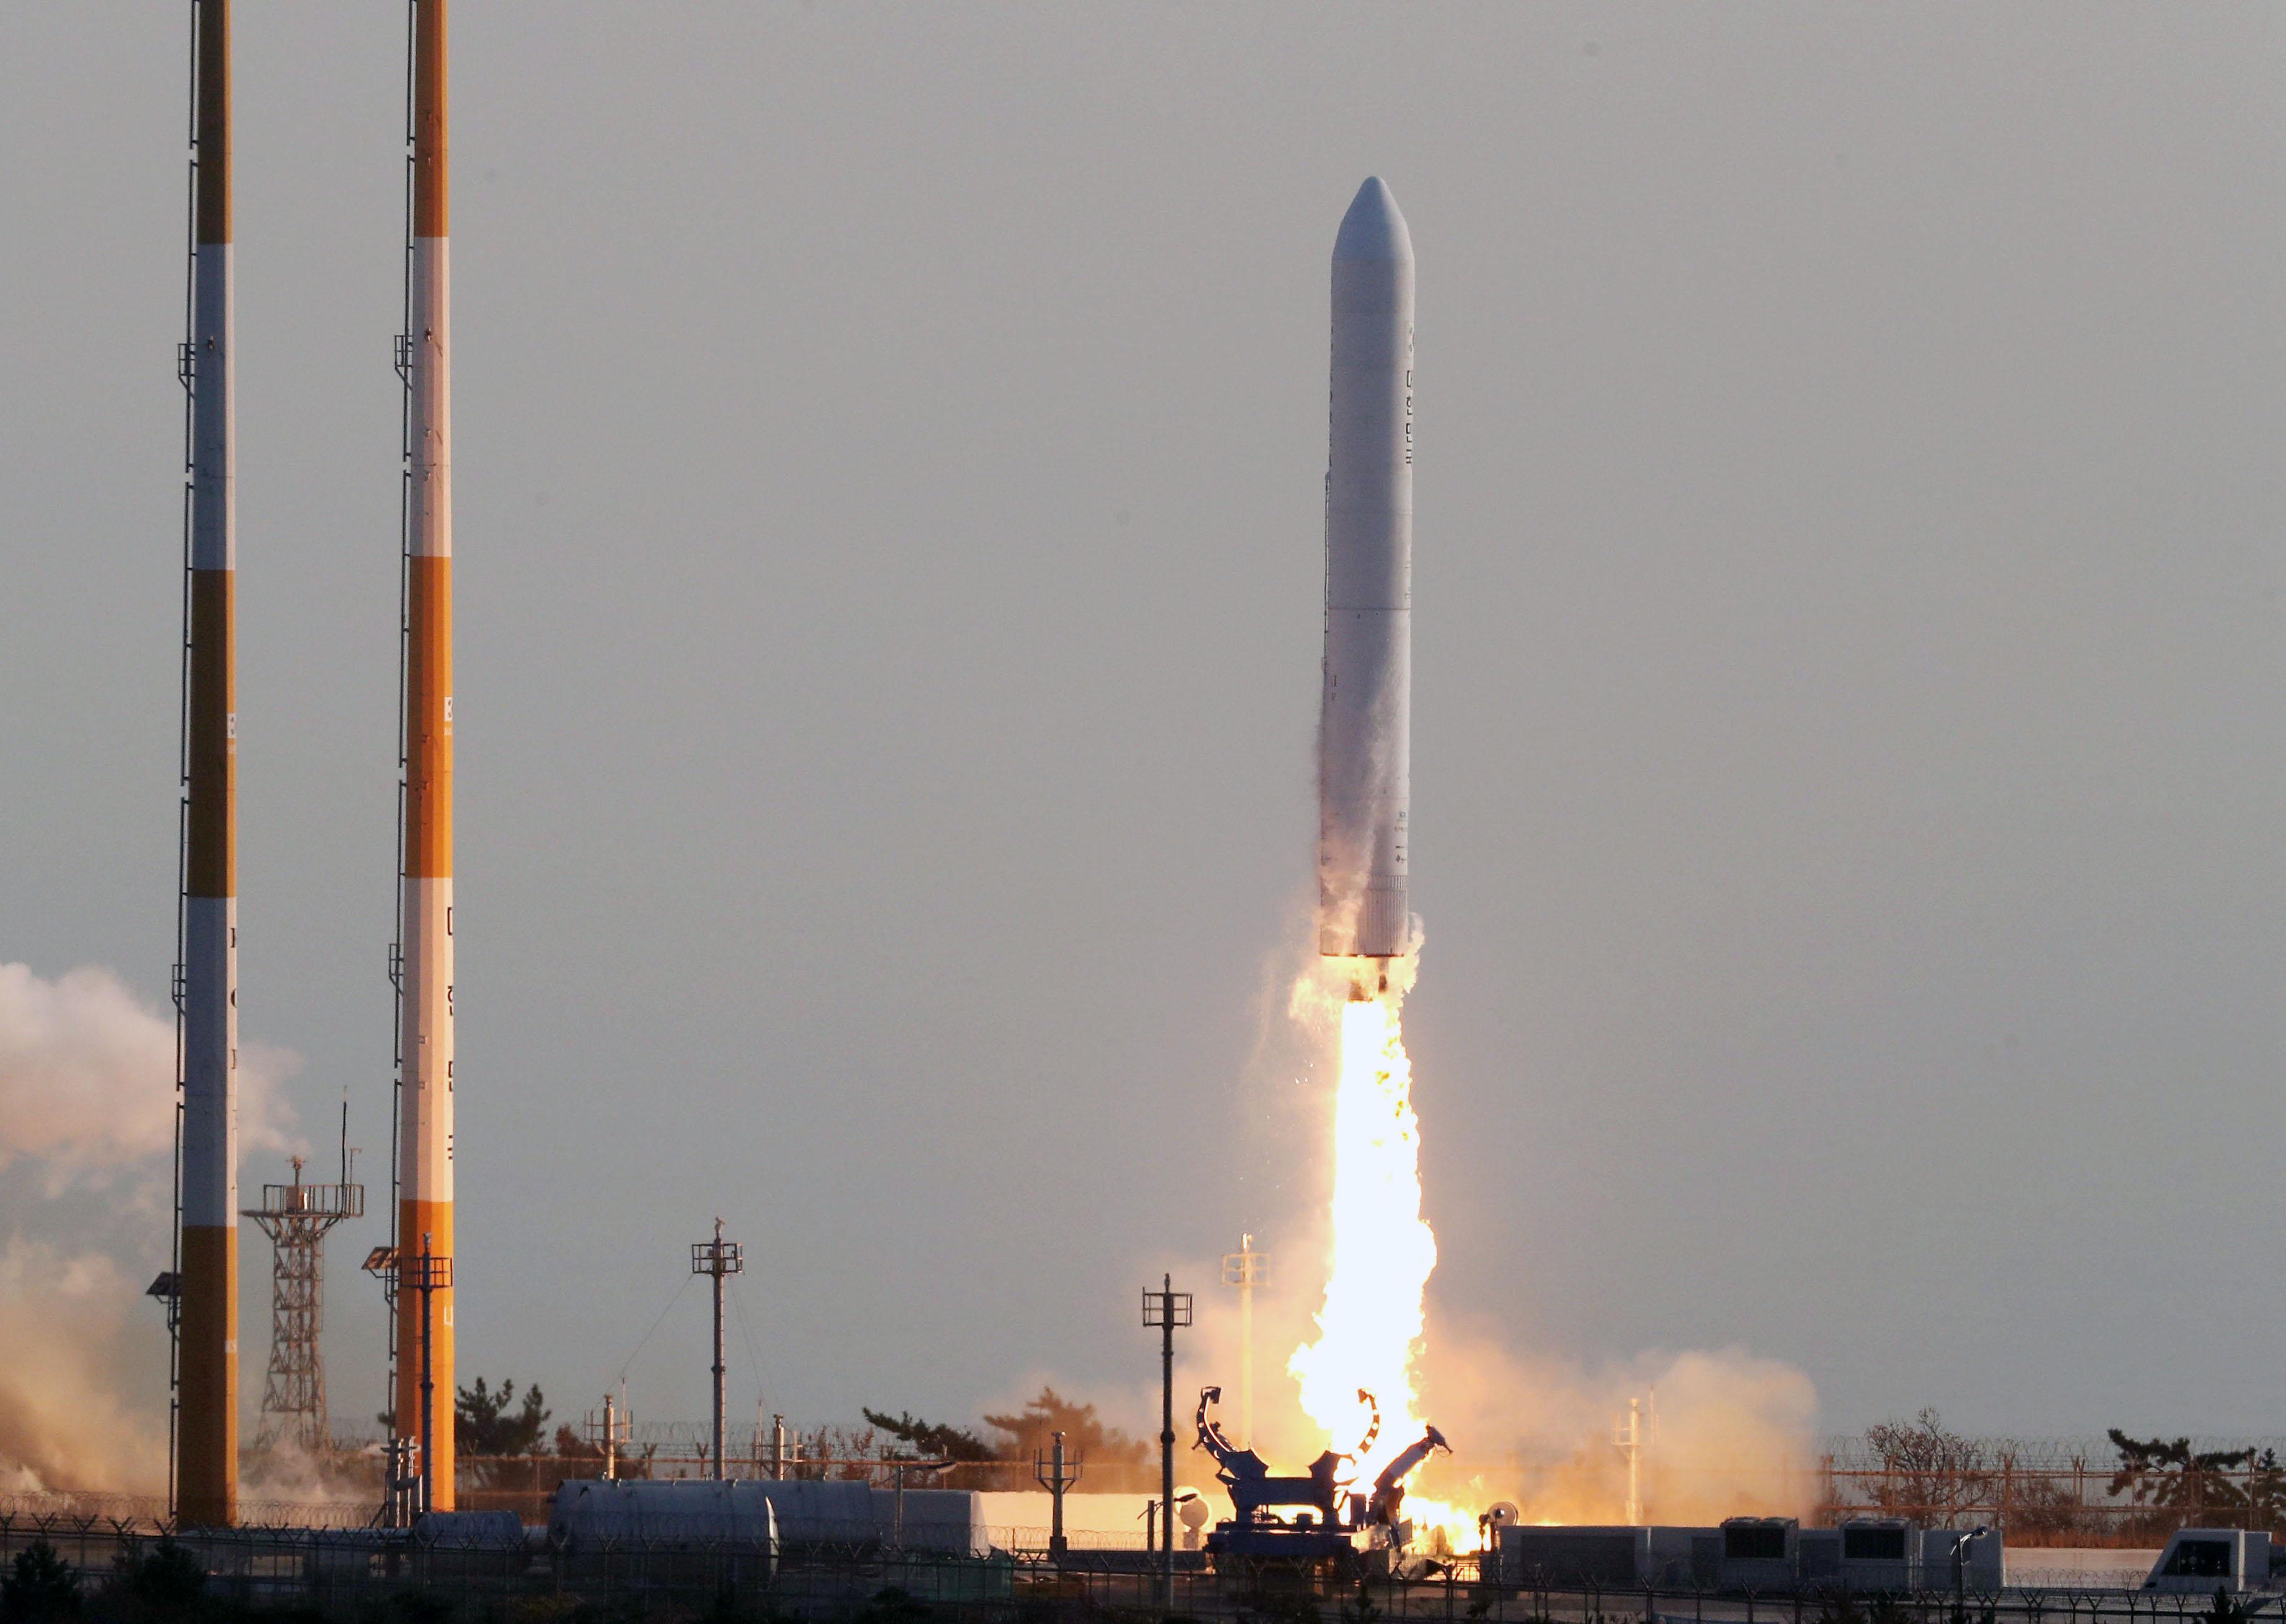 한국형발사체(KSLV-Ⅱ) '누리호'의 주 엔진을 검증하기 위한 시험발사체가 28일 오후 4시 전남 고흥 나로우주센터 발사대에서 성공적으로 발사됐다. 사진공동취재단